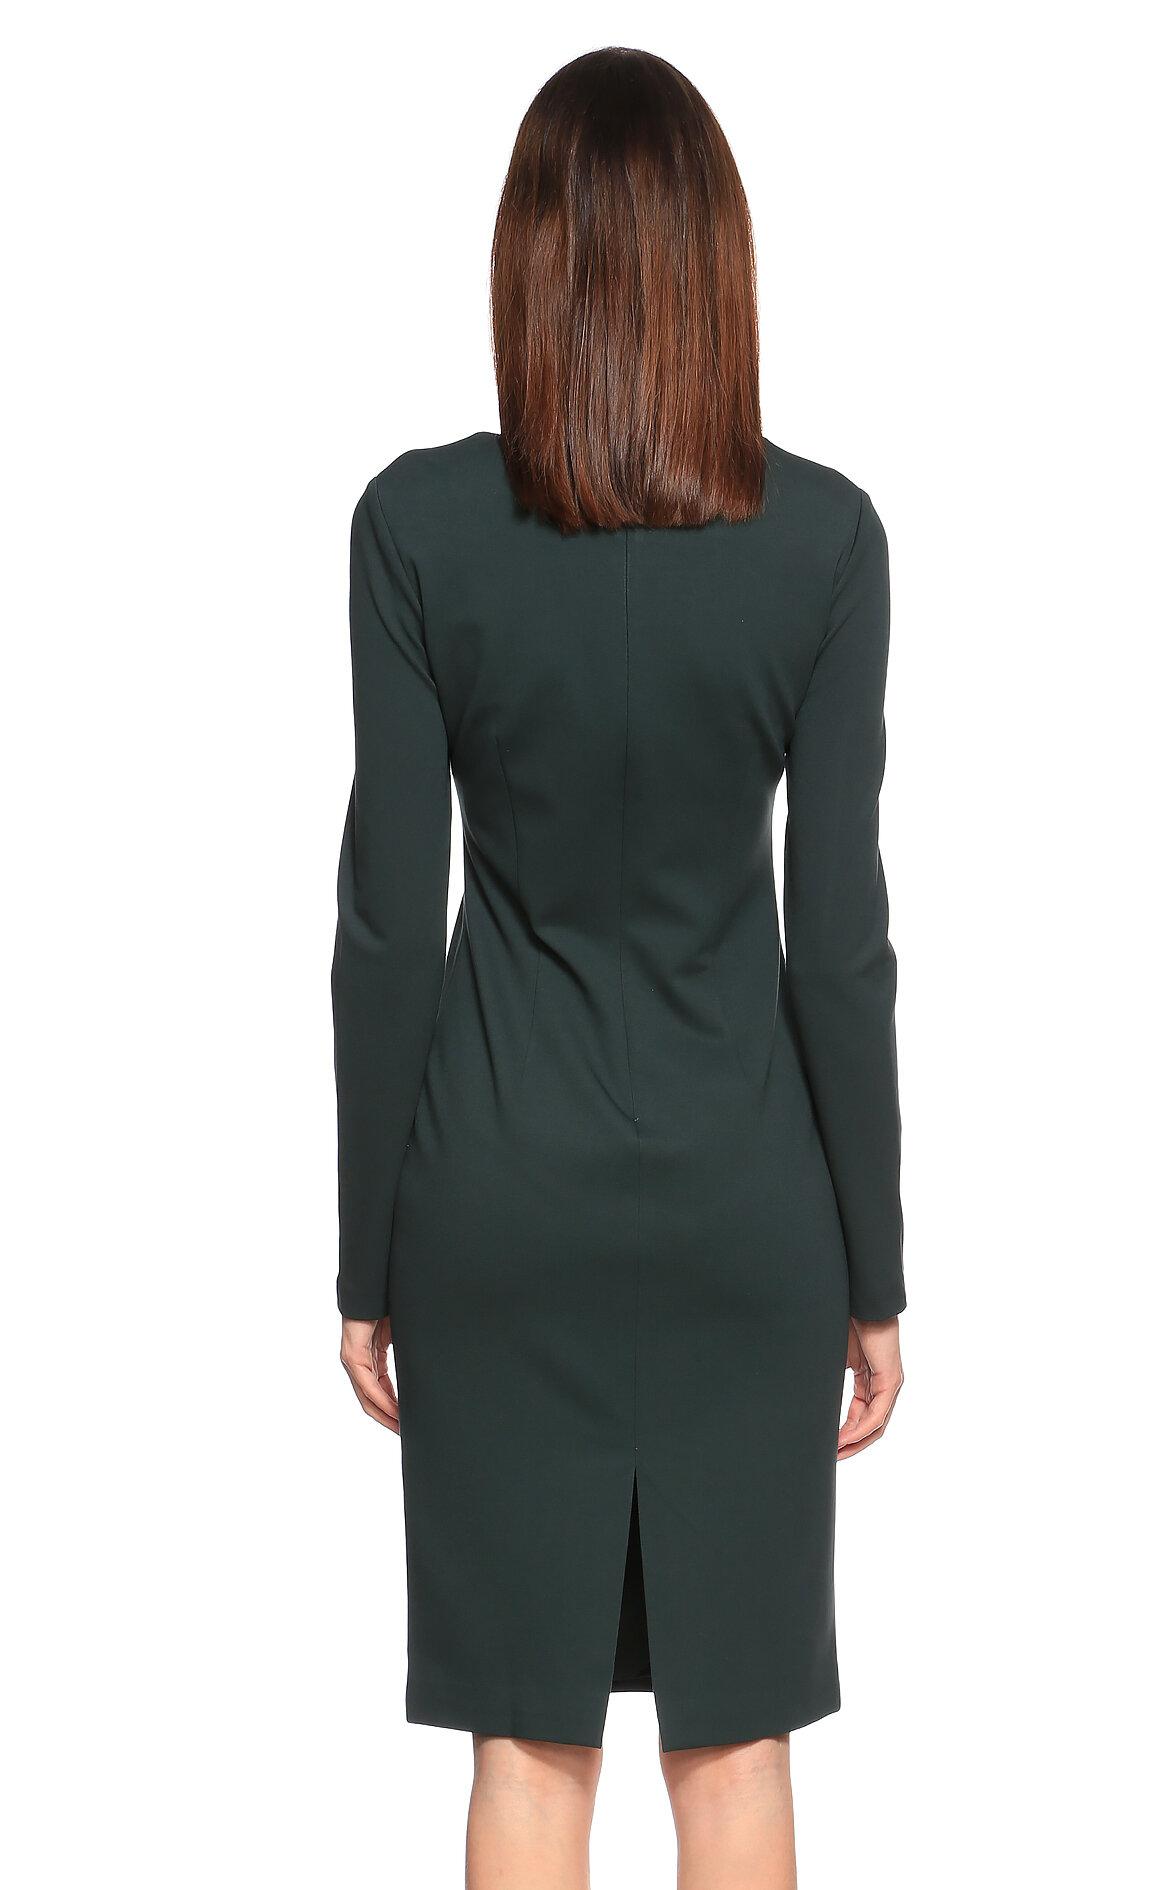 Cushnie et Ochs Yeşil Diz Üstü Elbise